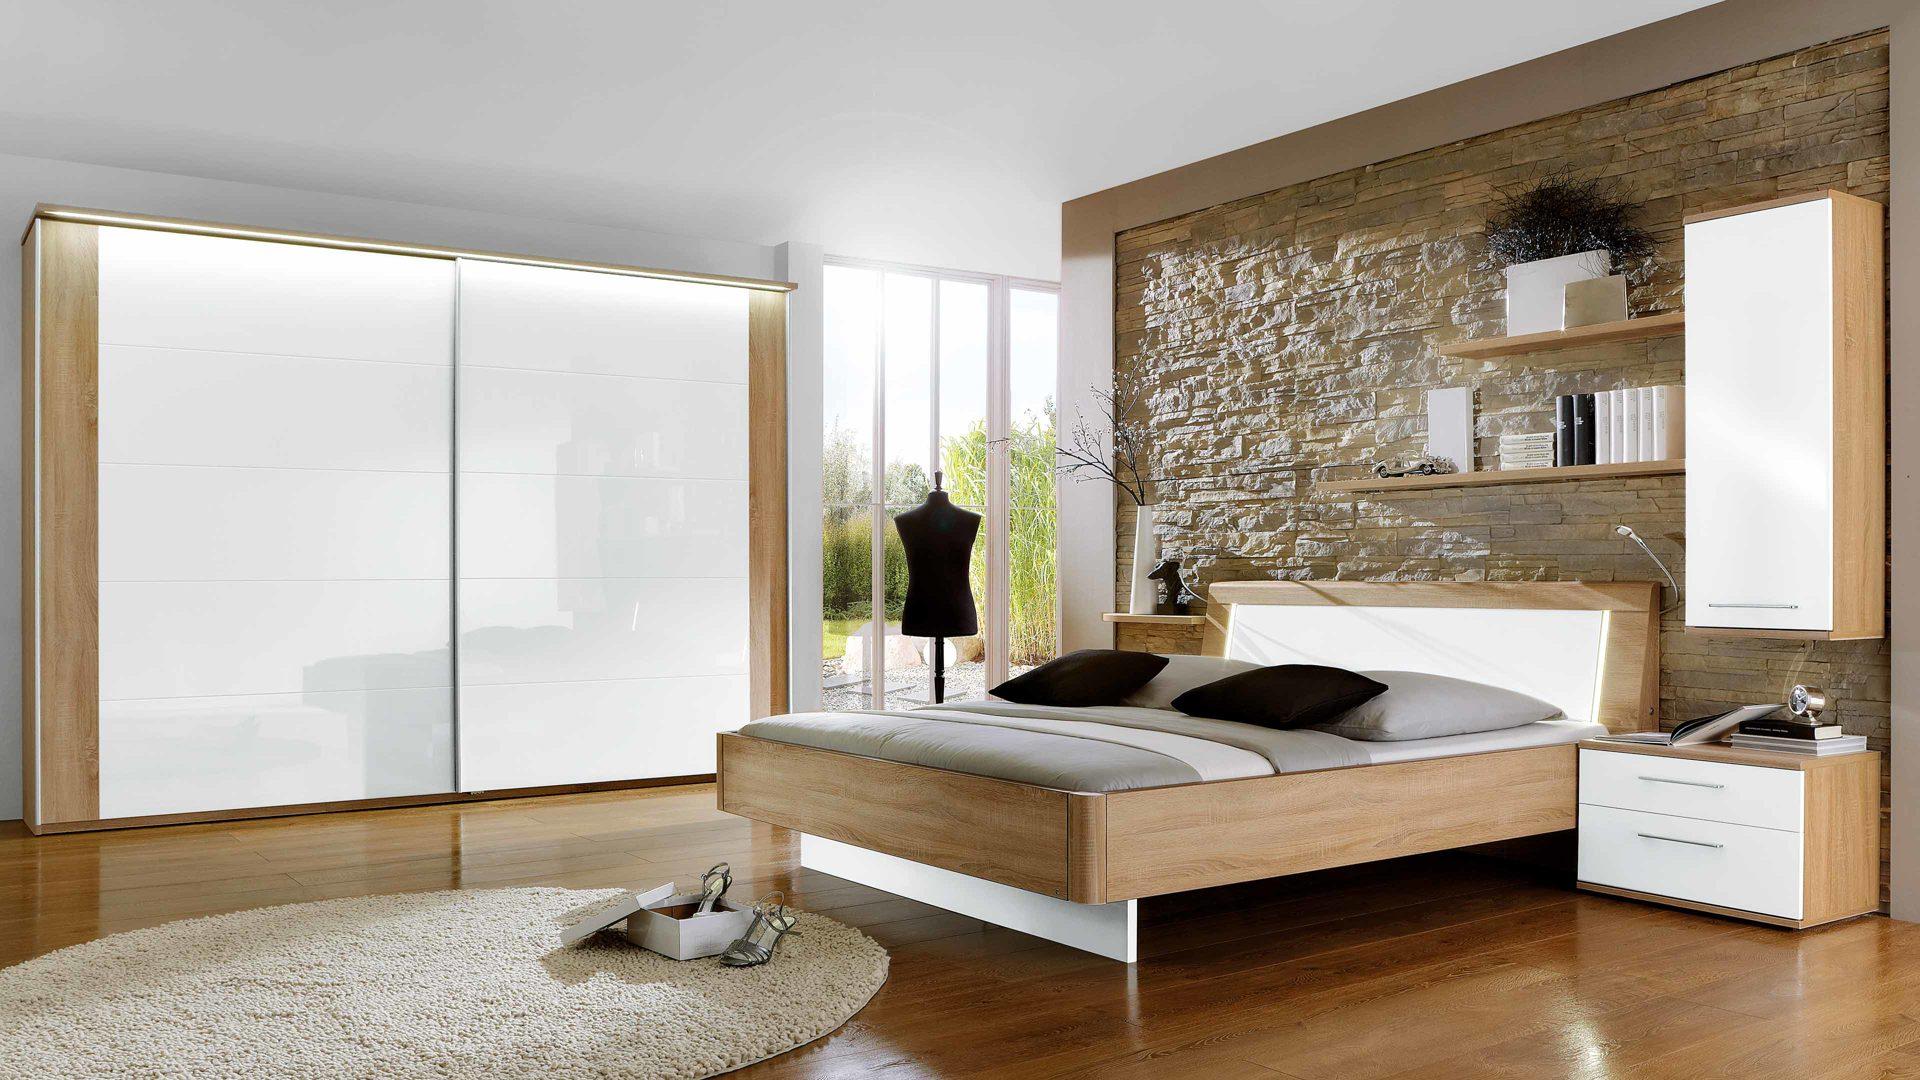 Schon Komplettzimmer Loddenkemper | 474051 Aus Holz In Holzfarben Hell Weiß  Modernes PARTNERRING COLLECTION Schlafzimmer Weiße Lack